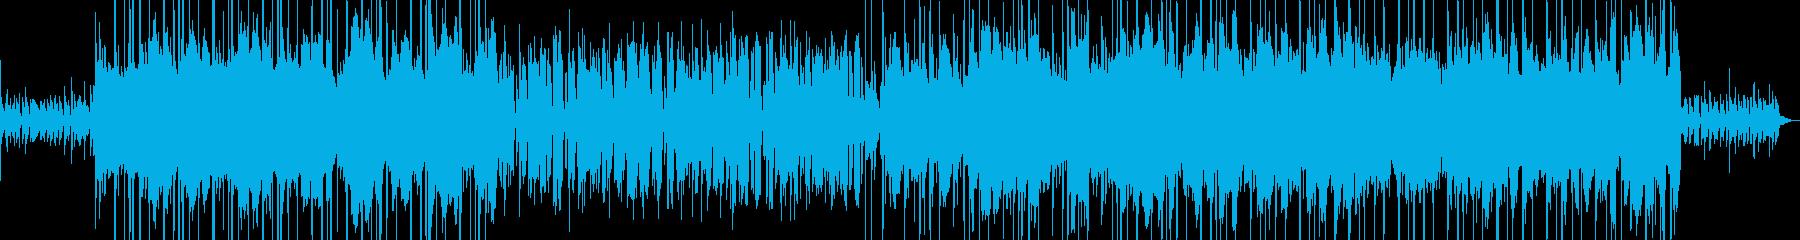 ローファイ、ヒップホップ、おしゃれの再生済みの波形